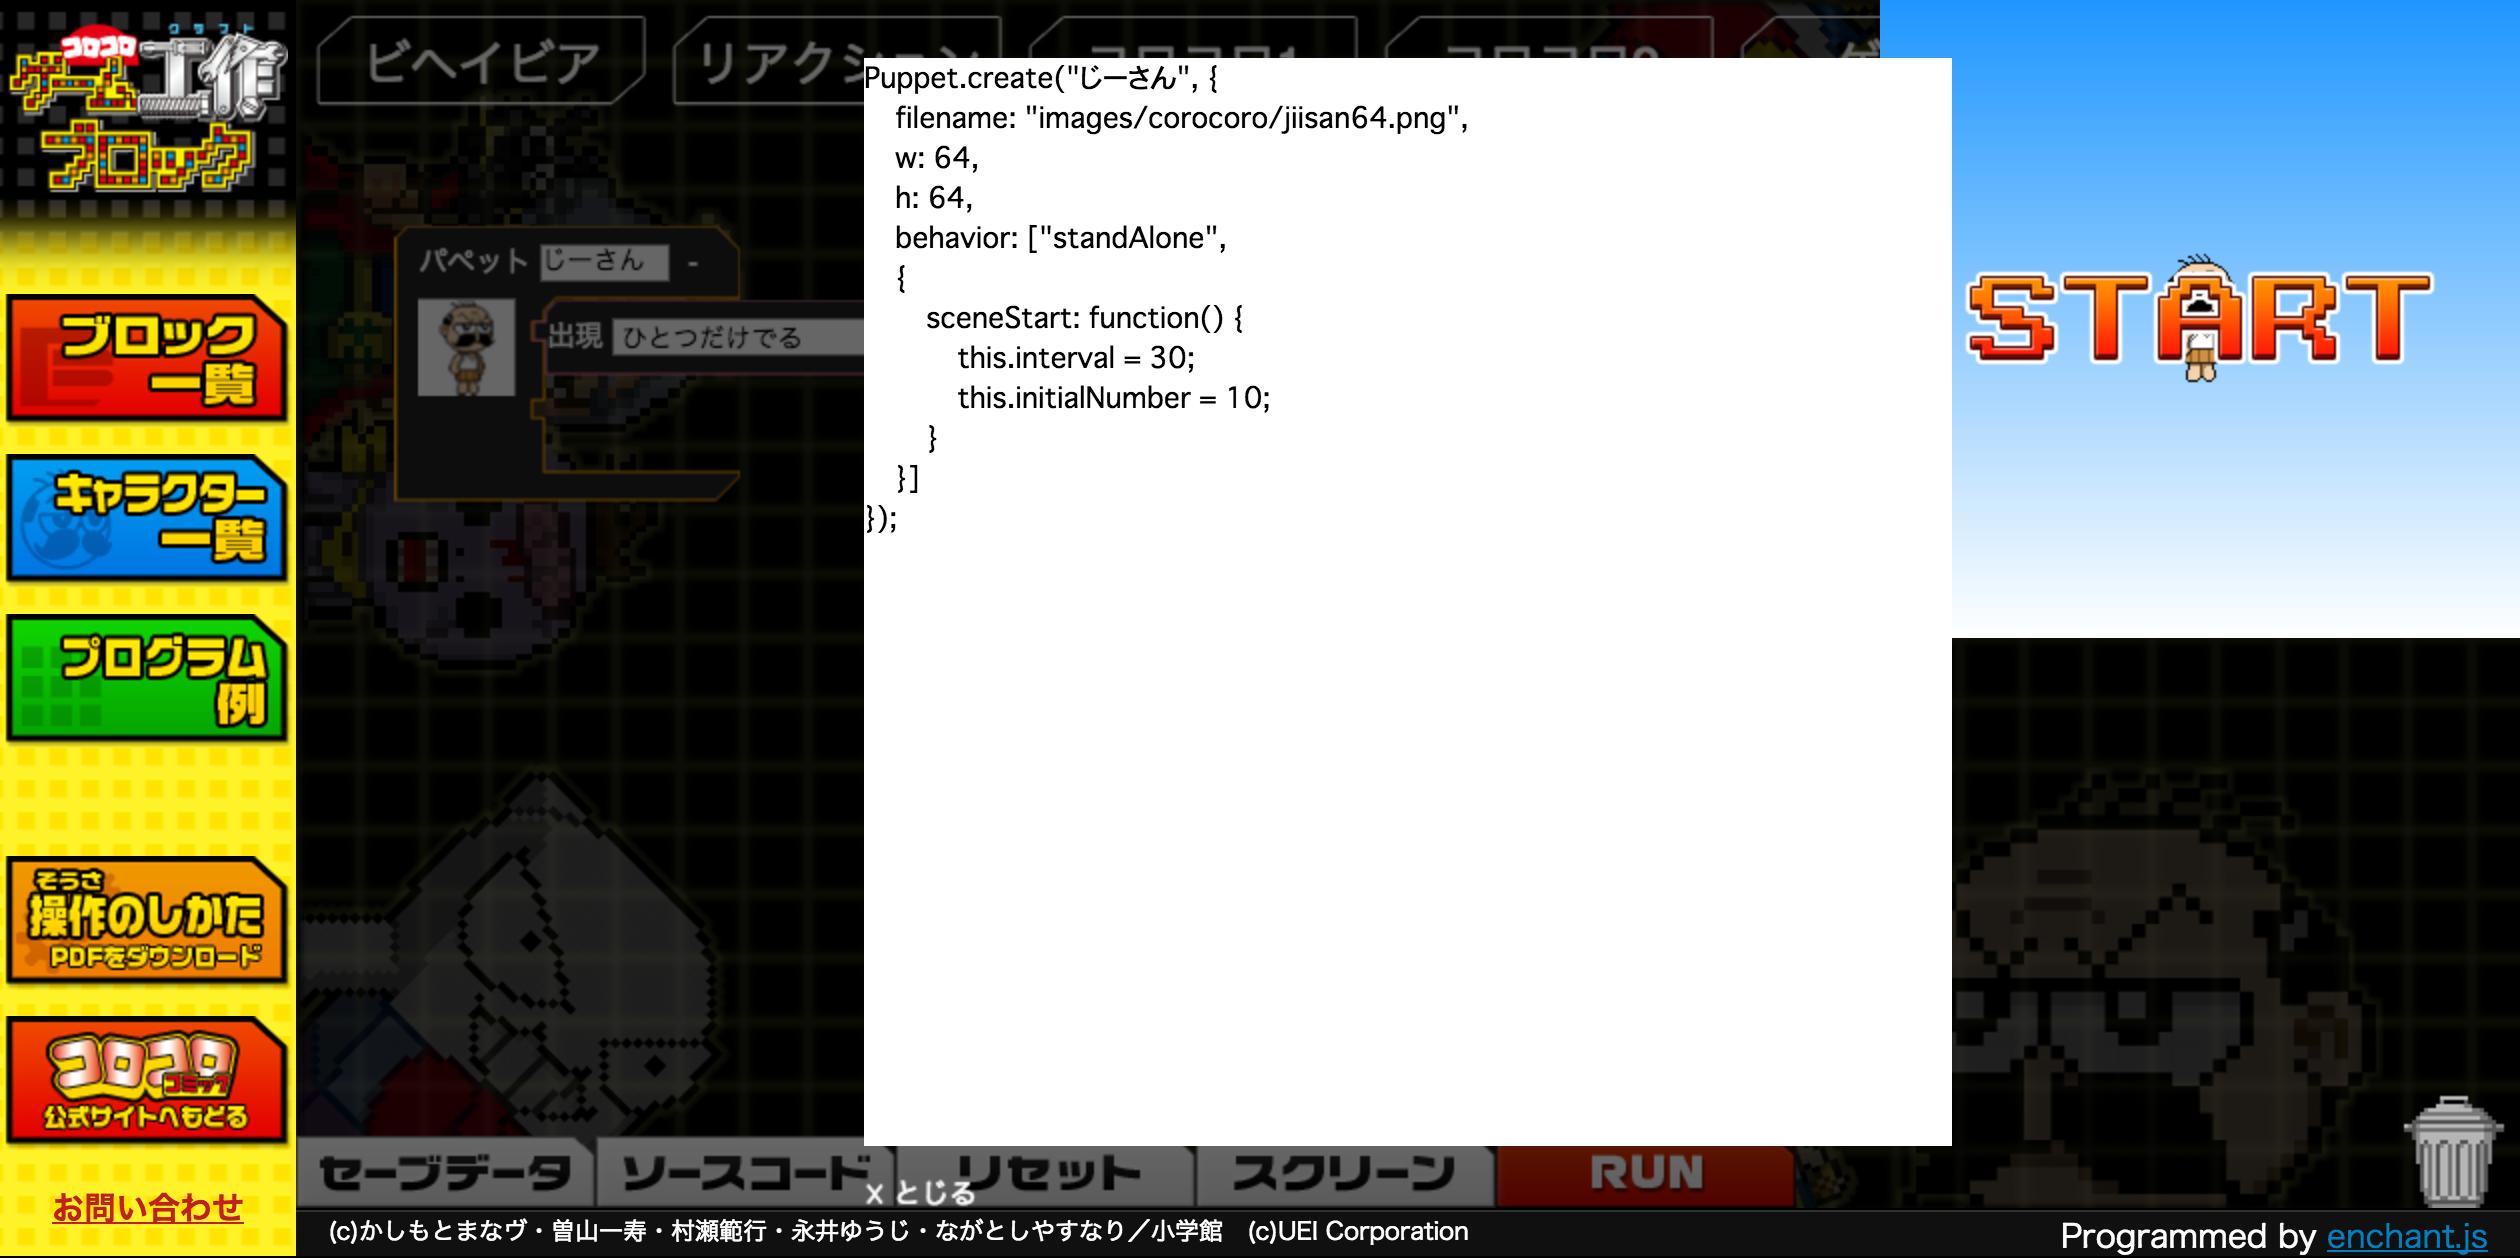 ゲームで学ぶプログラミング画像8 プログラミング ゲーム感覚